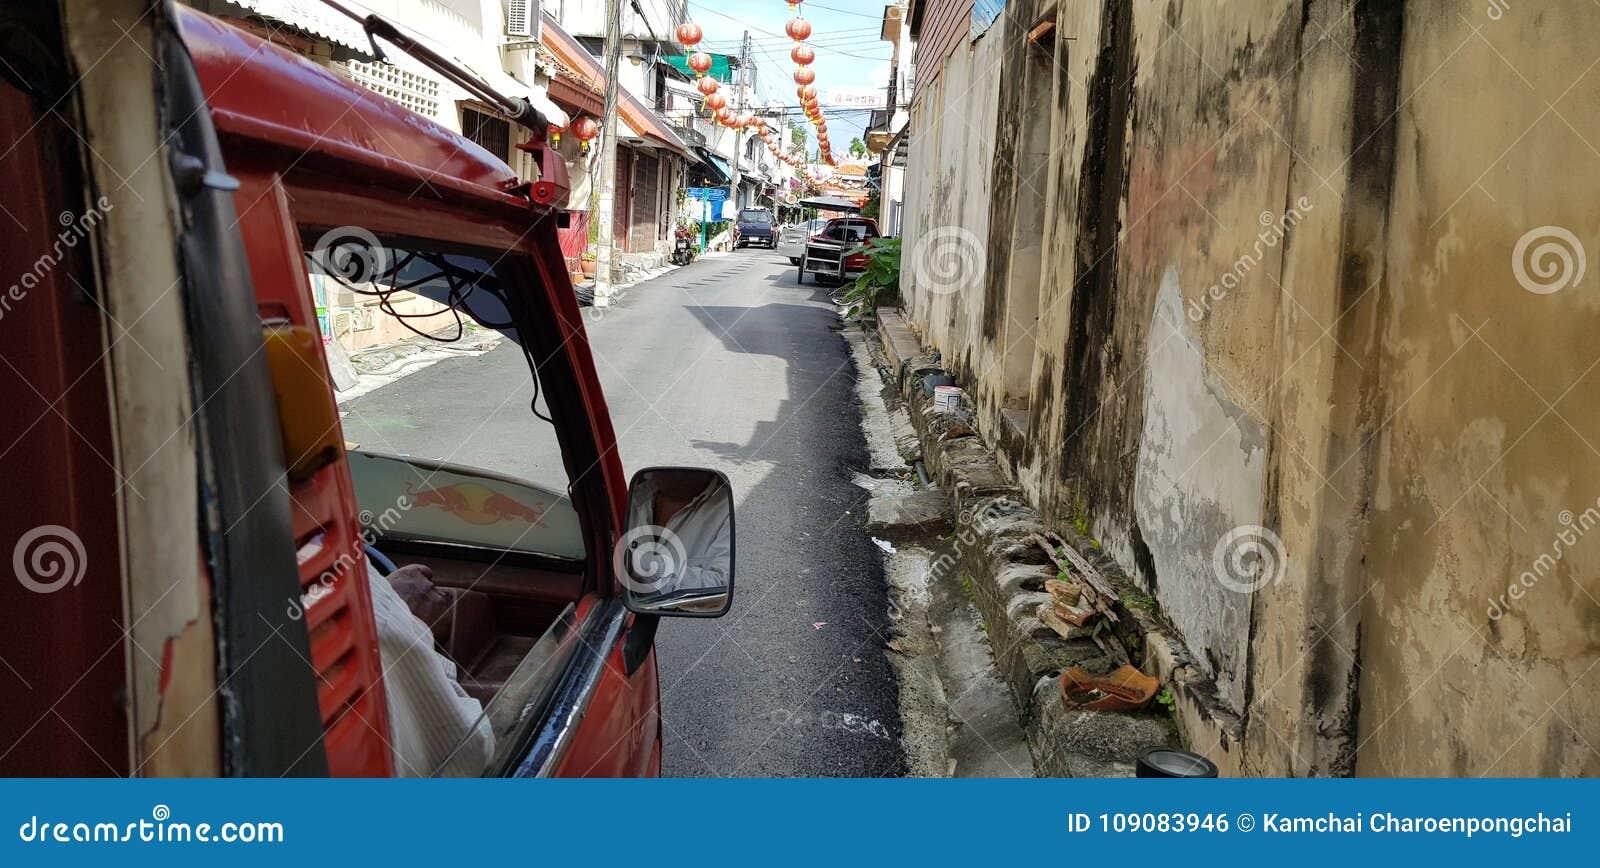 Songkla, Tailandia - enero 27, 2018: El mini taxi del camión condujo a través del callejón estrecho en ciudad vieja